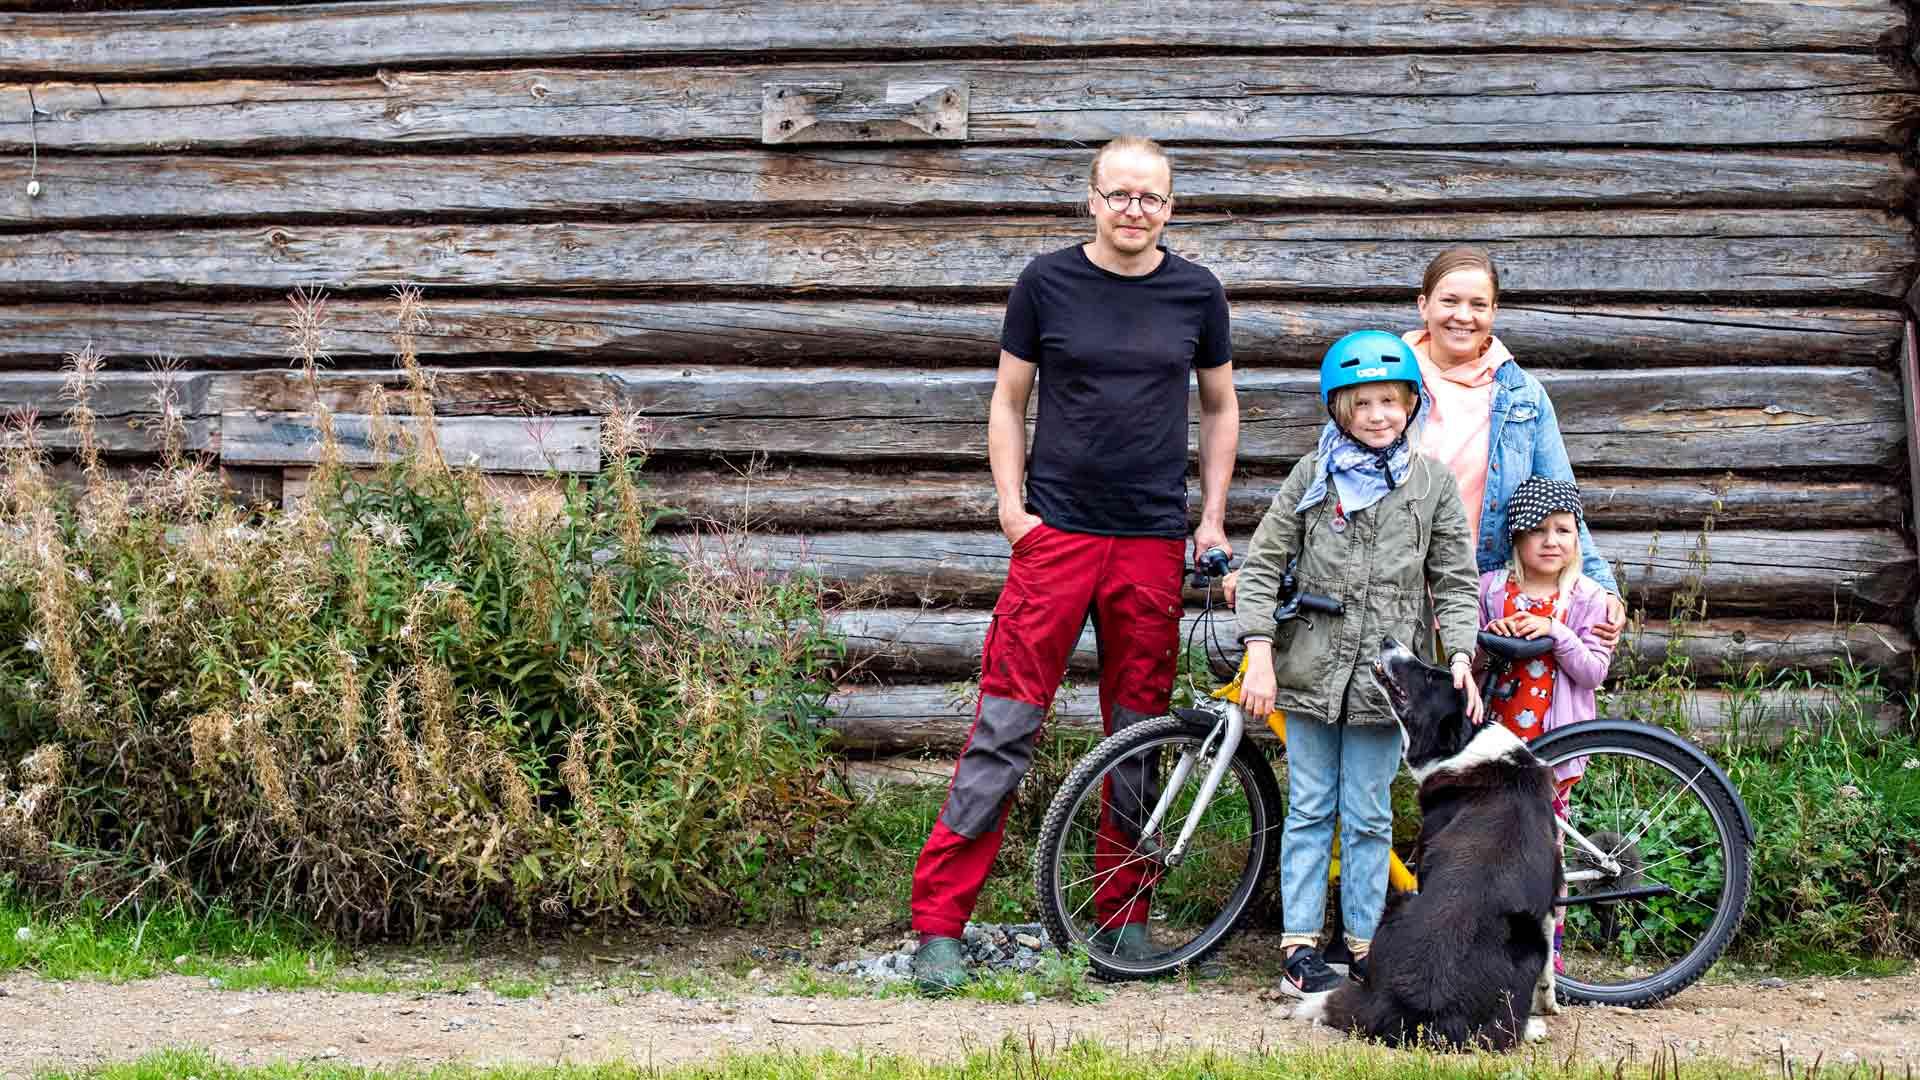 Tuomas Laitinen, Friida Juntunen, Maisa Juntunen ja Tilda Juntunen elävät maaseudulla omannäköistä elämää. Nami-koira auttaa lehmien paimentamisessa.